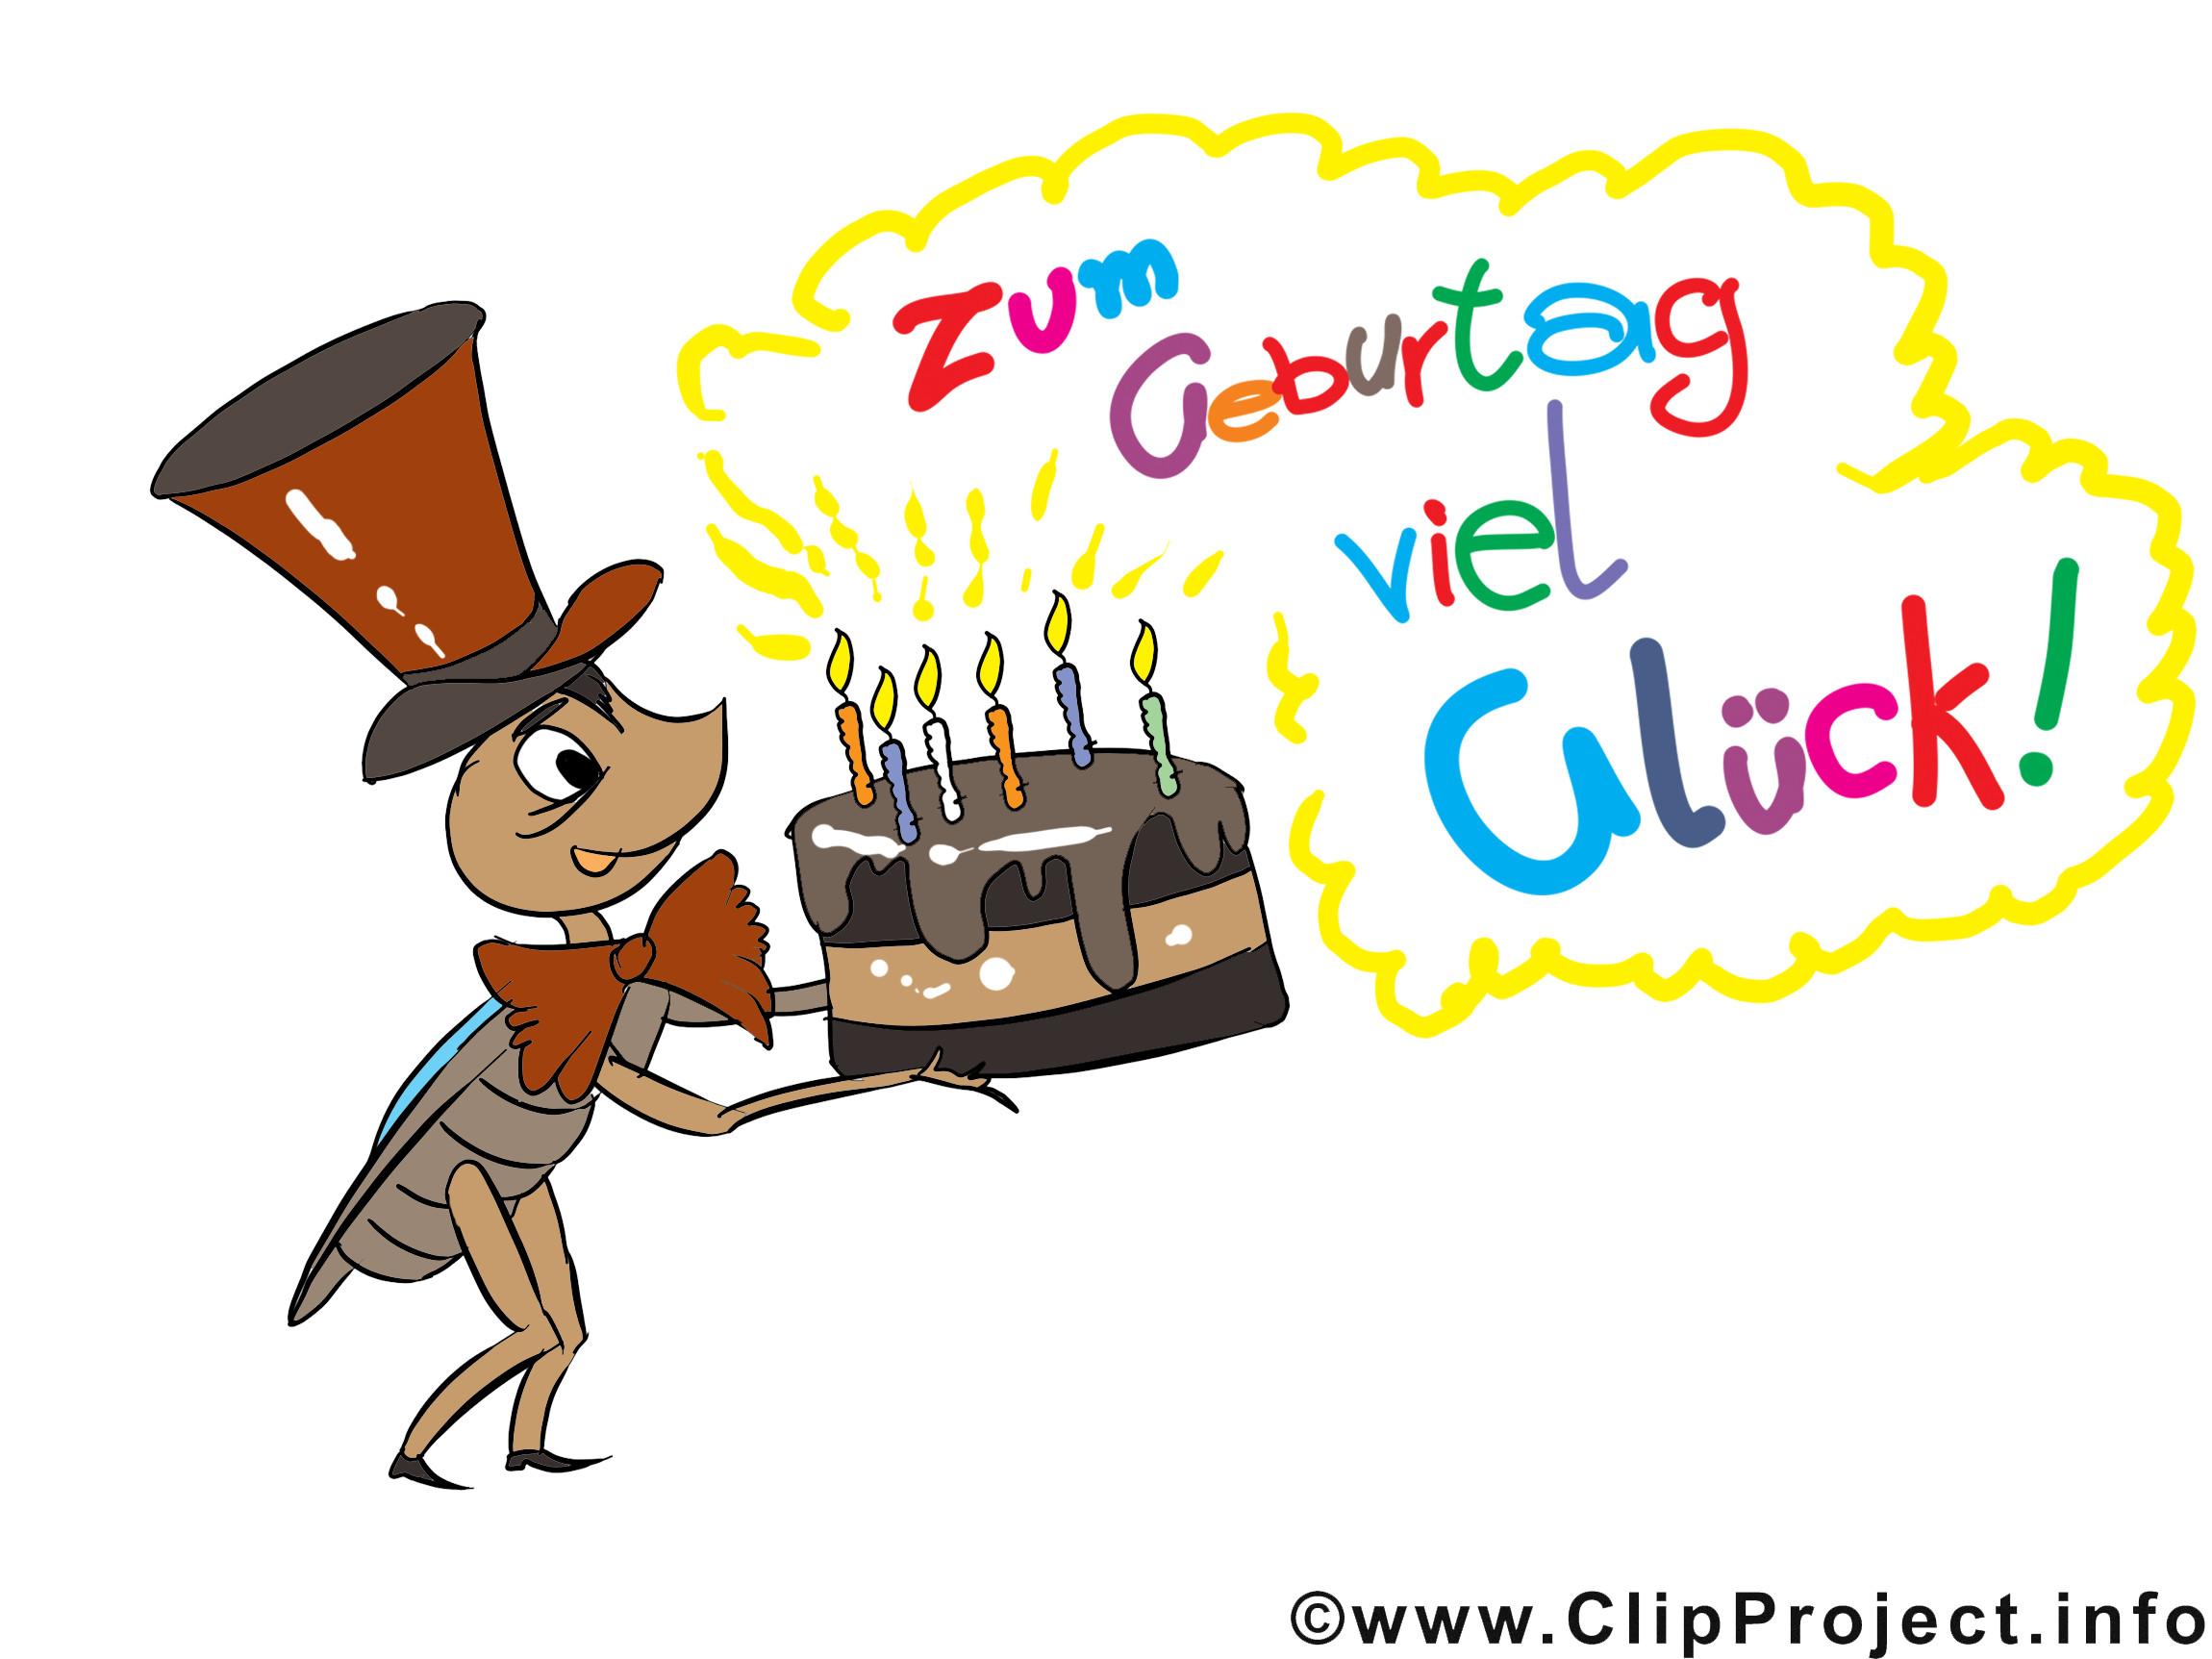 20 Der Besten Ideen Für Geburtstagswünsche Mit Bild ...